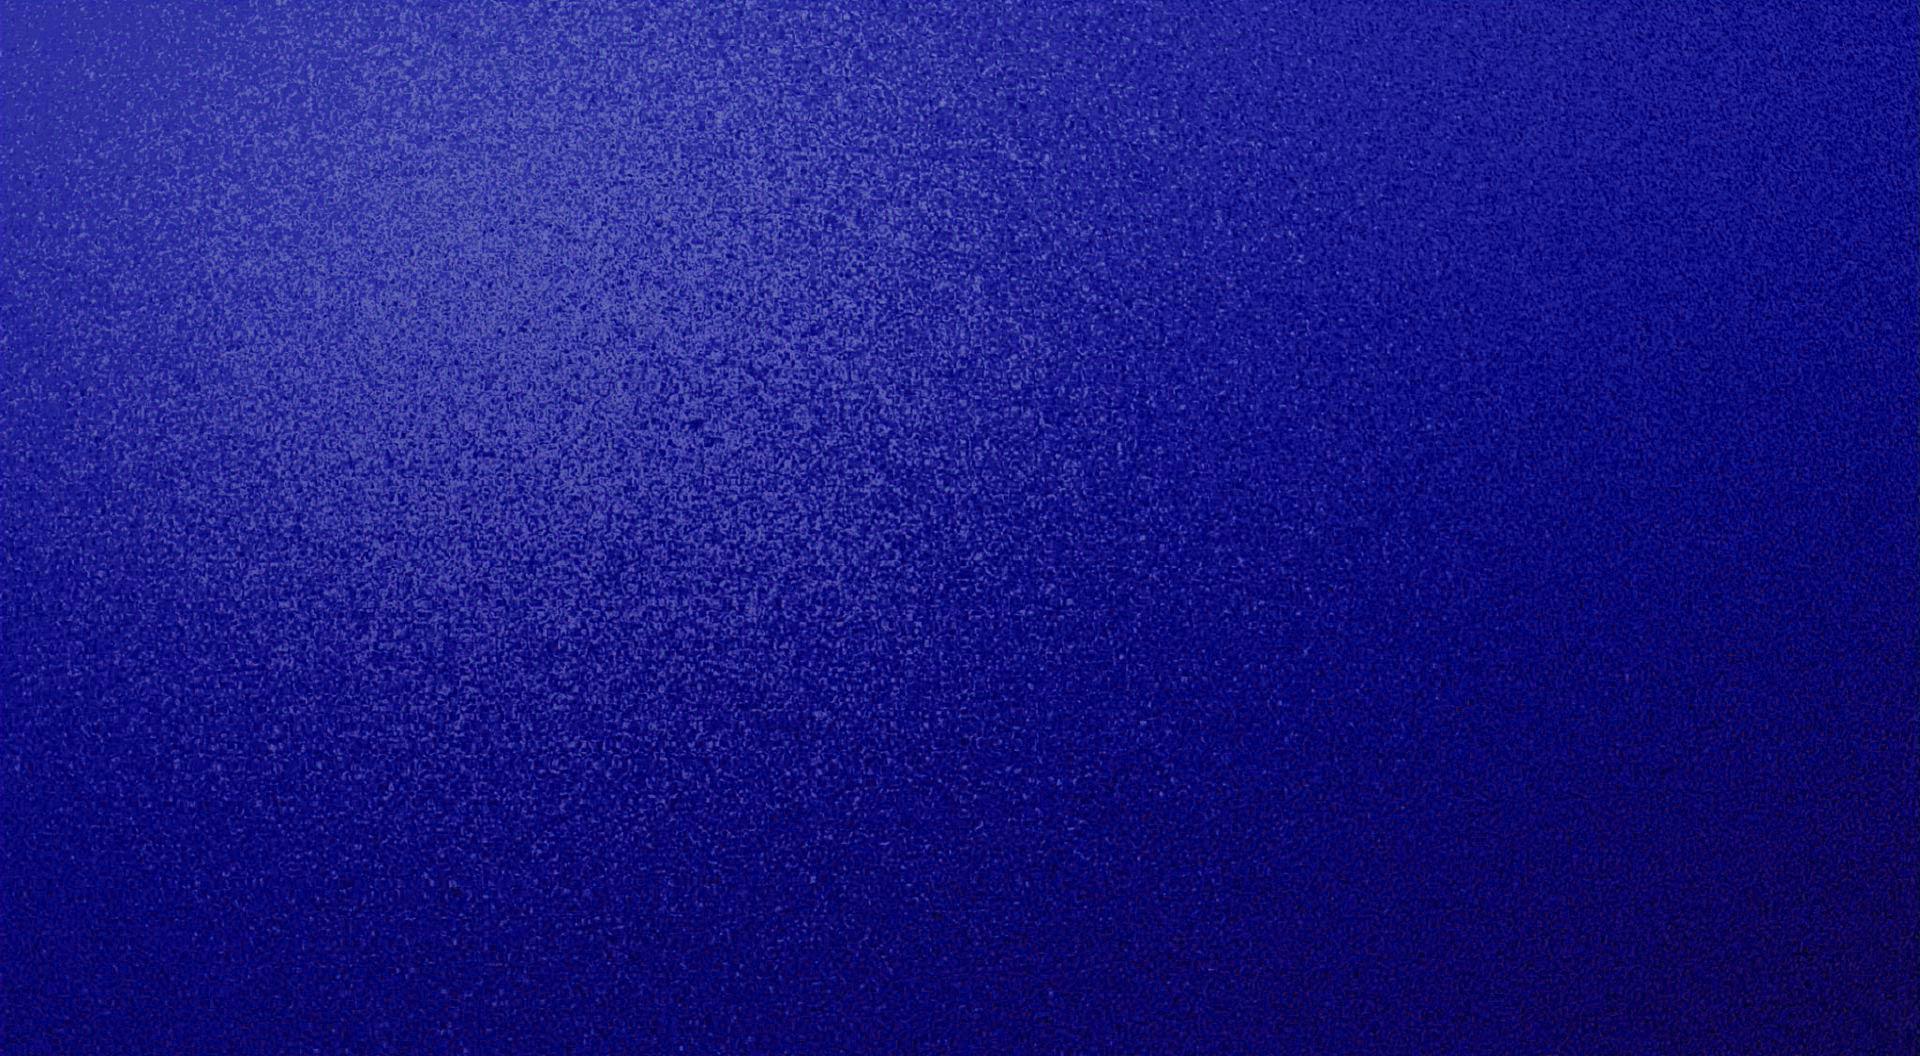 Dark blue/royal blue textured speckled desktop background wallpaper